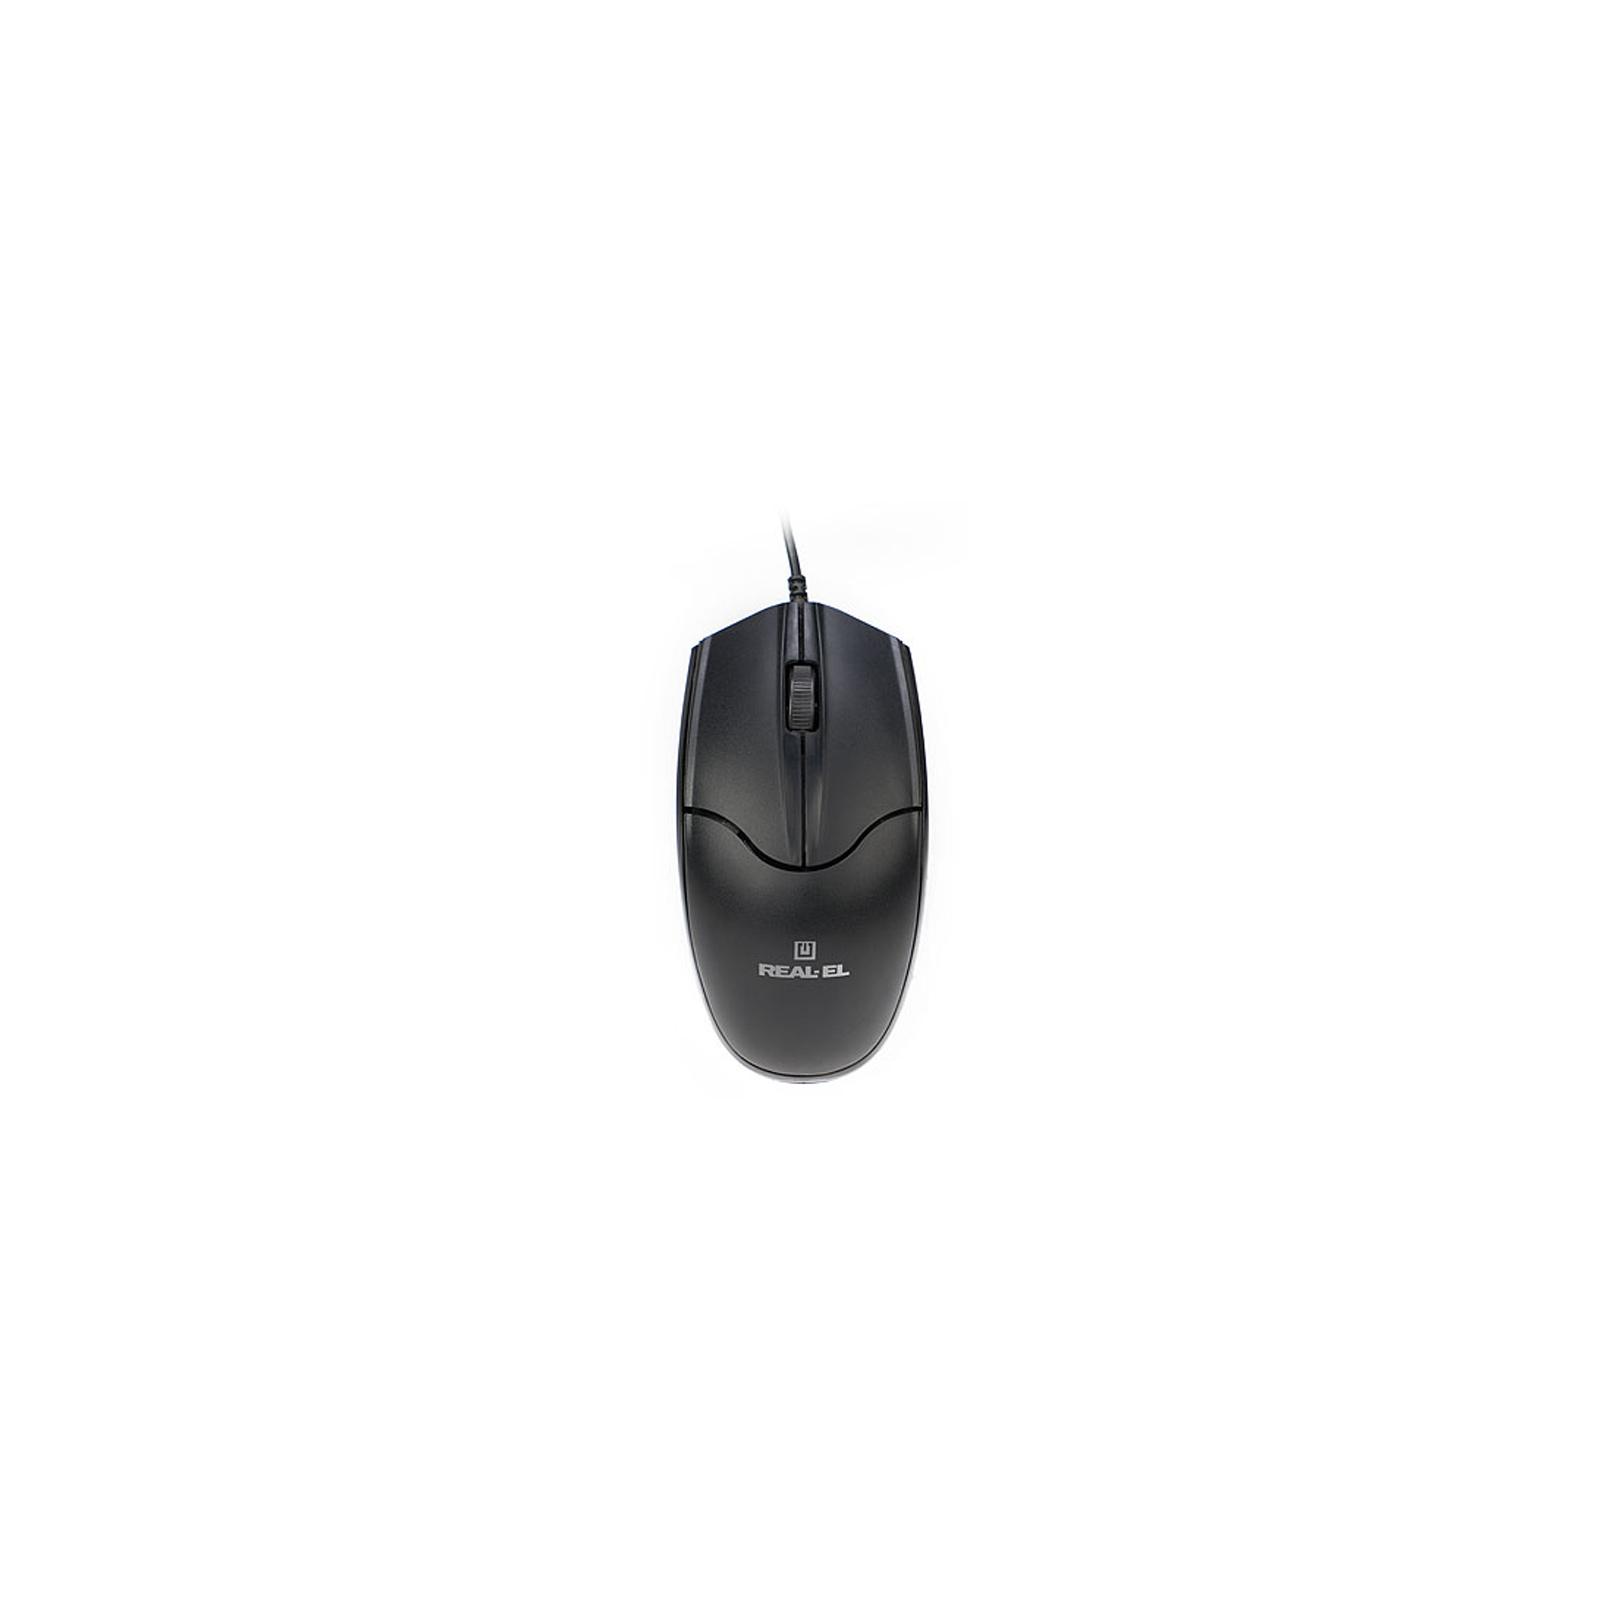 Мышка REAL-EL RM-410 Silent Black изображение 3